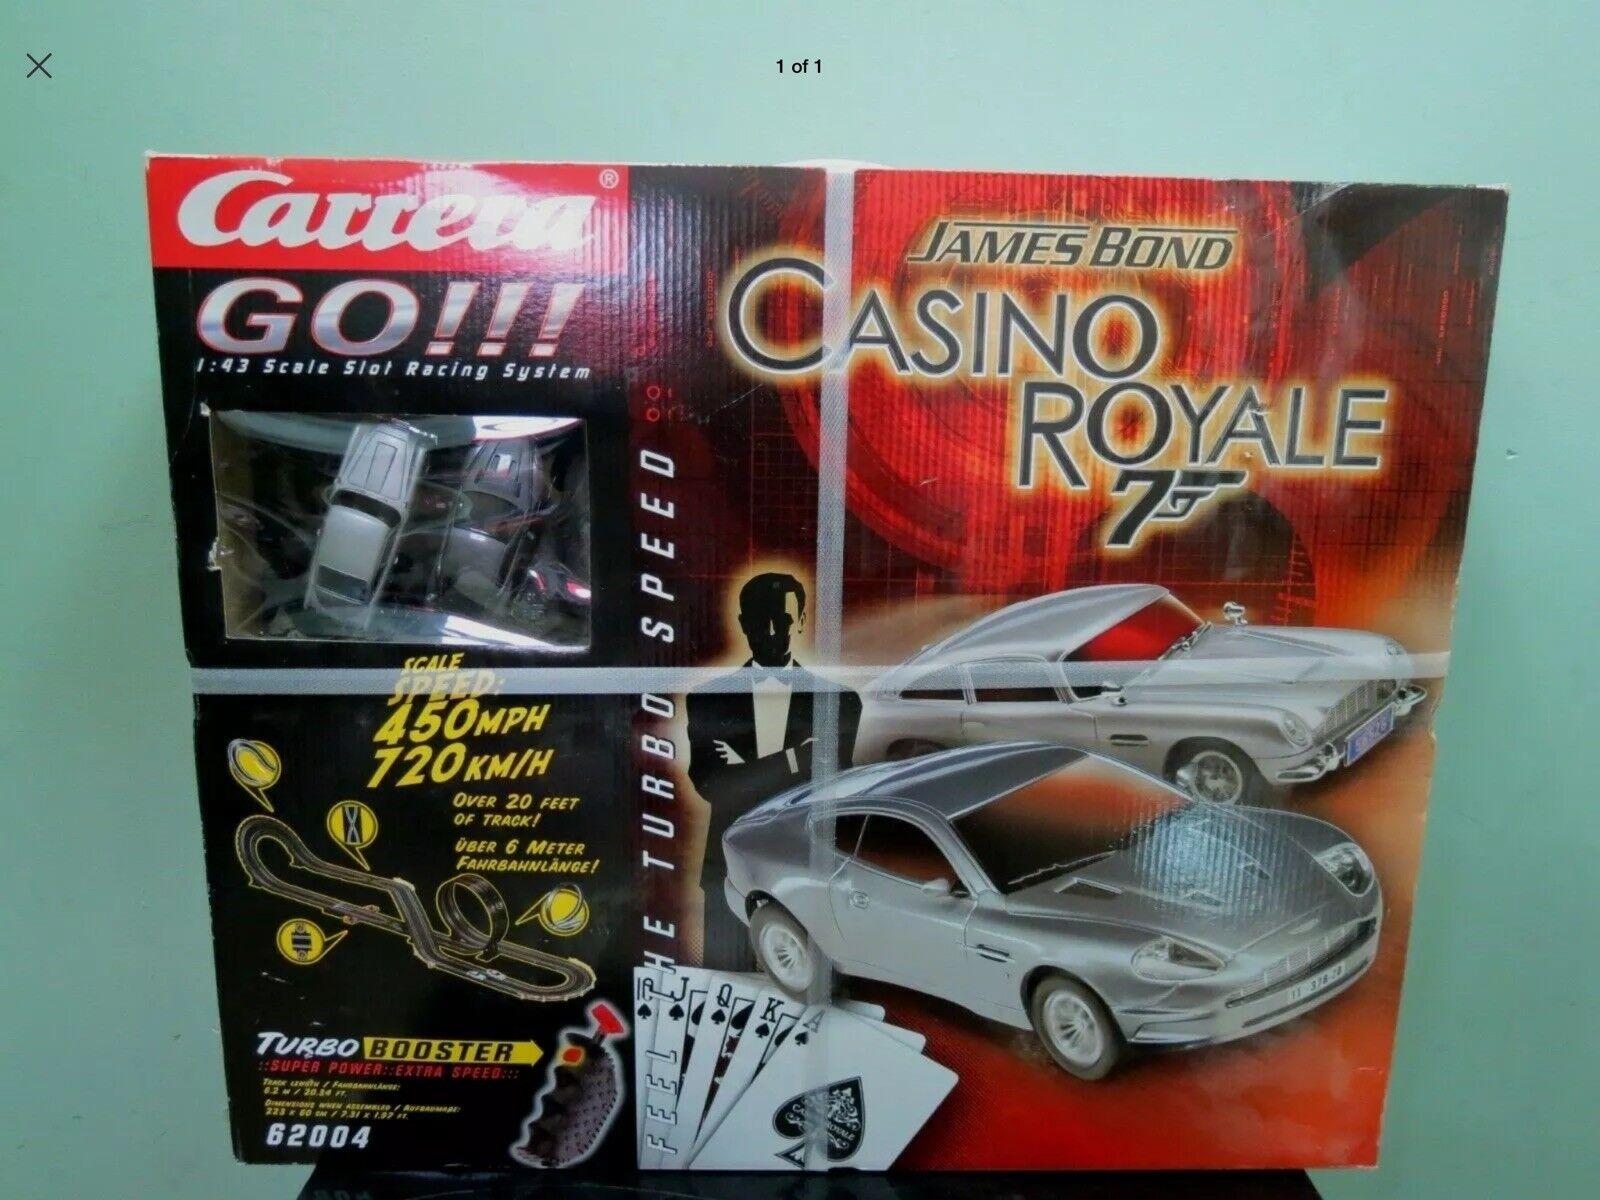 New Carrera Go   James Bond Casion Royal Slot Car System - 7E